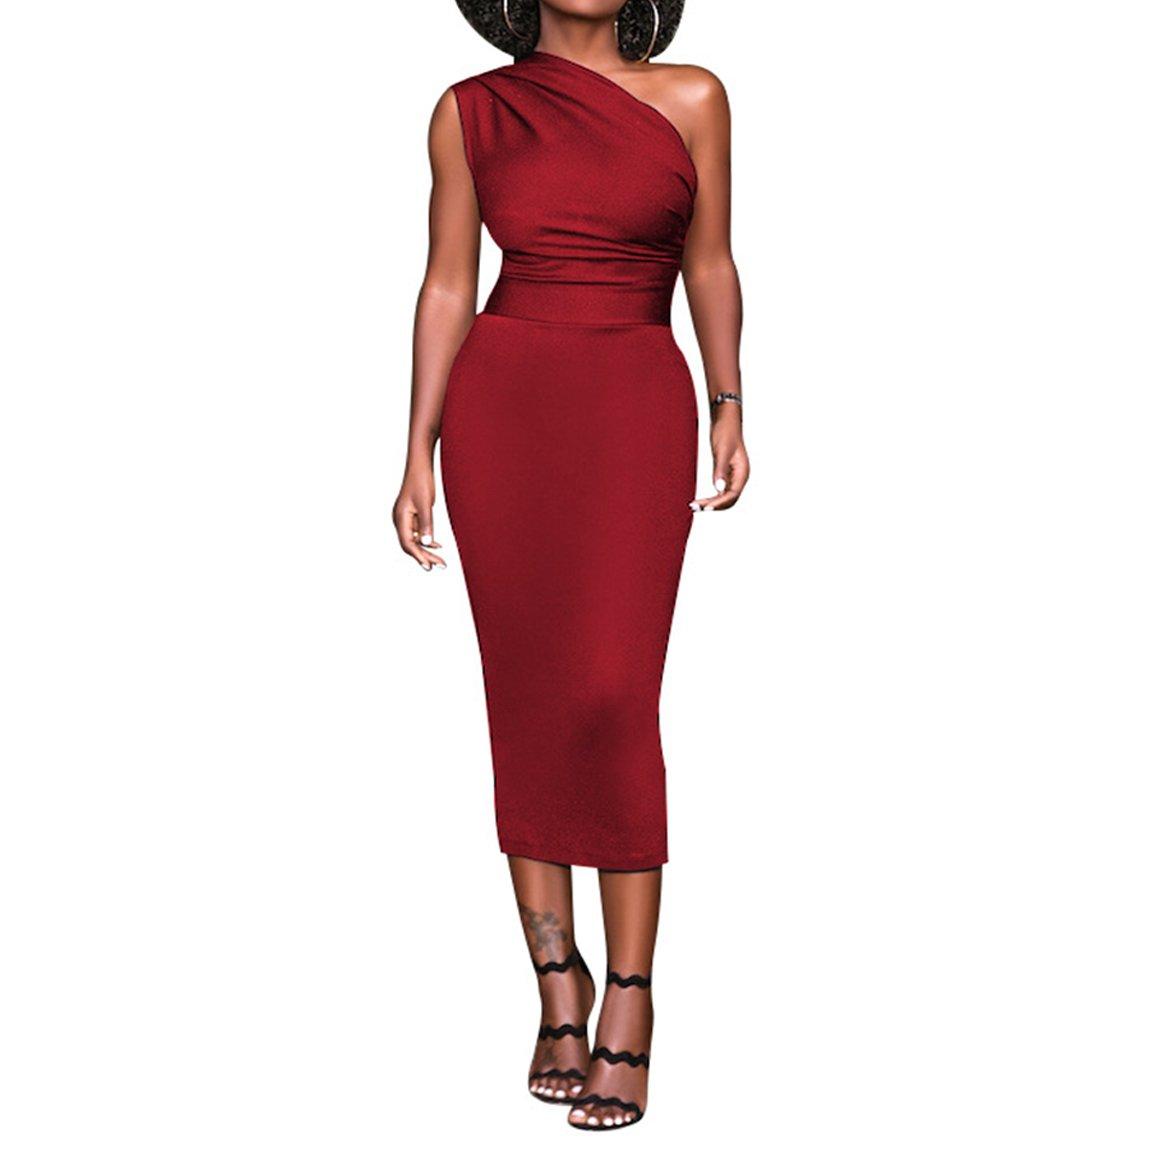 Damen One-Shoulder Bodycon Etuikleid Paket-Hüfte-Kleid Business ...